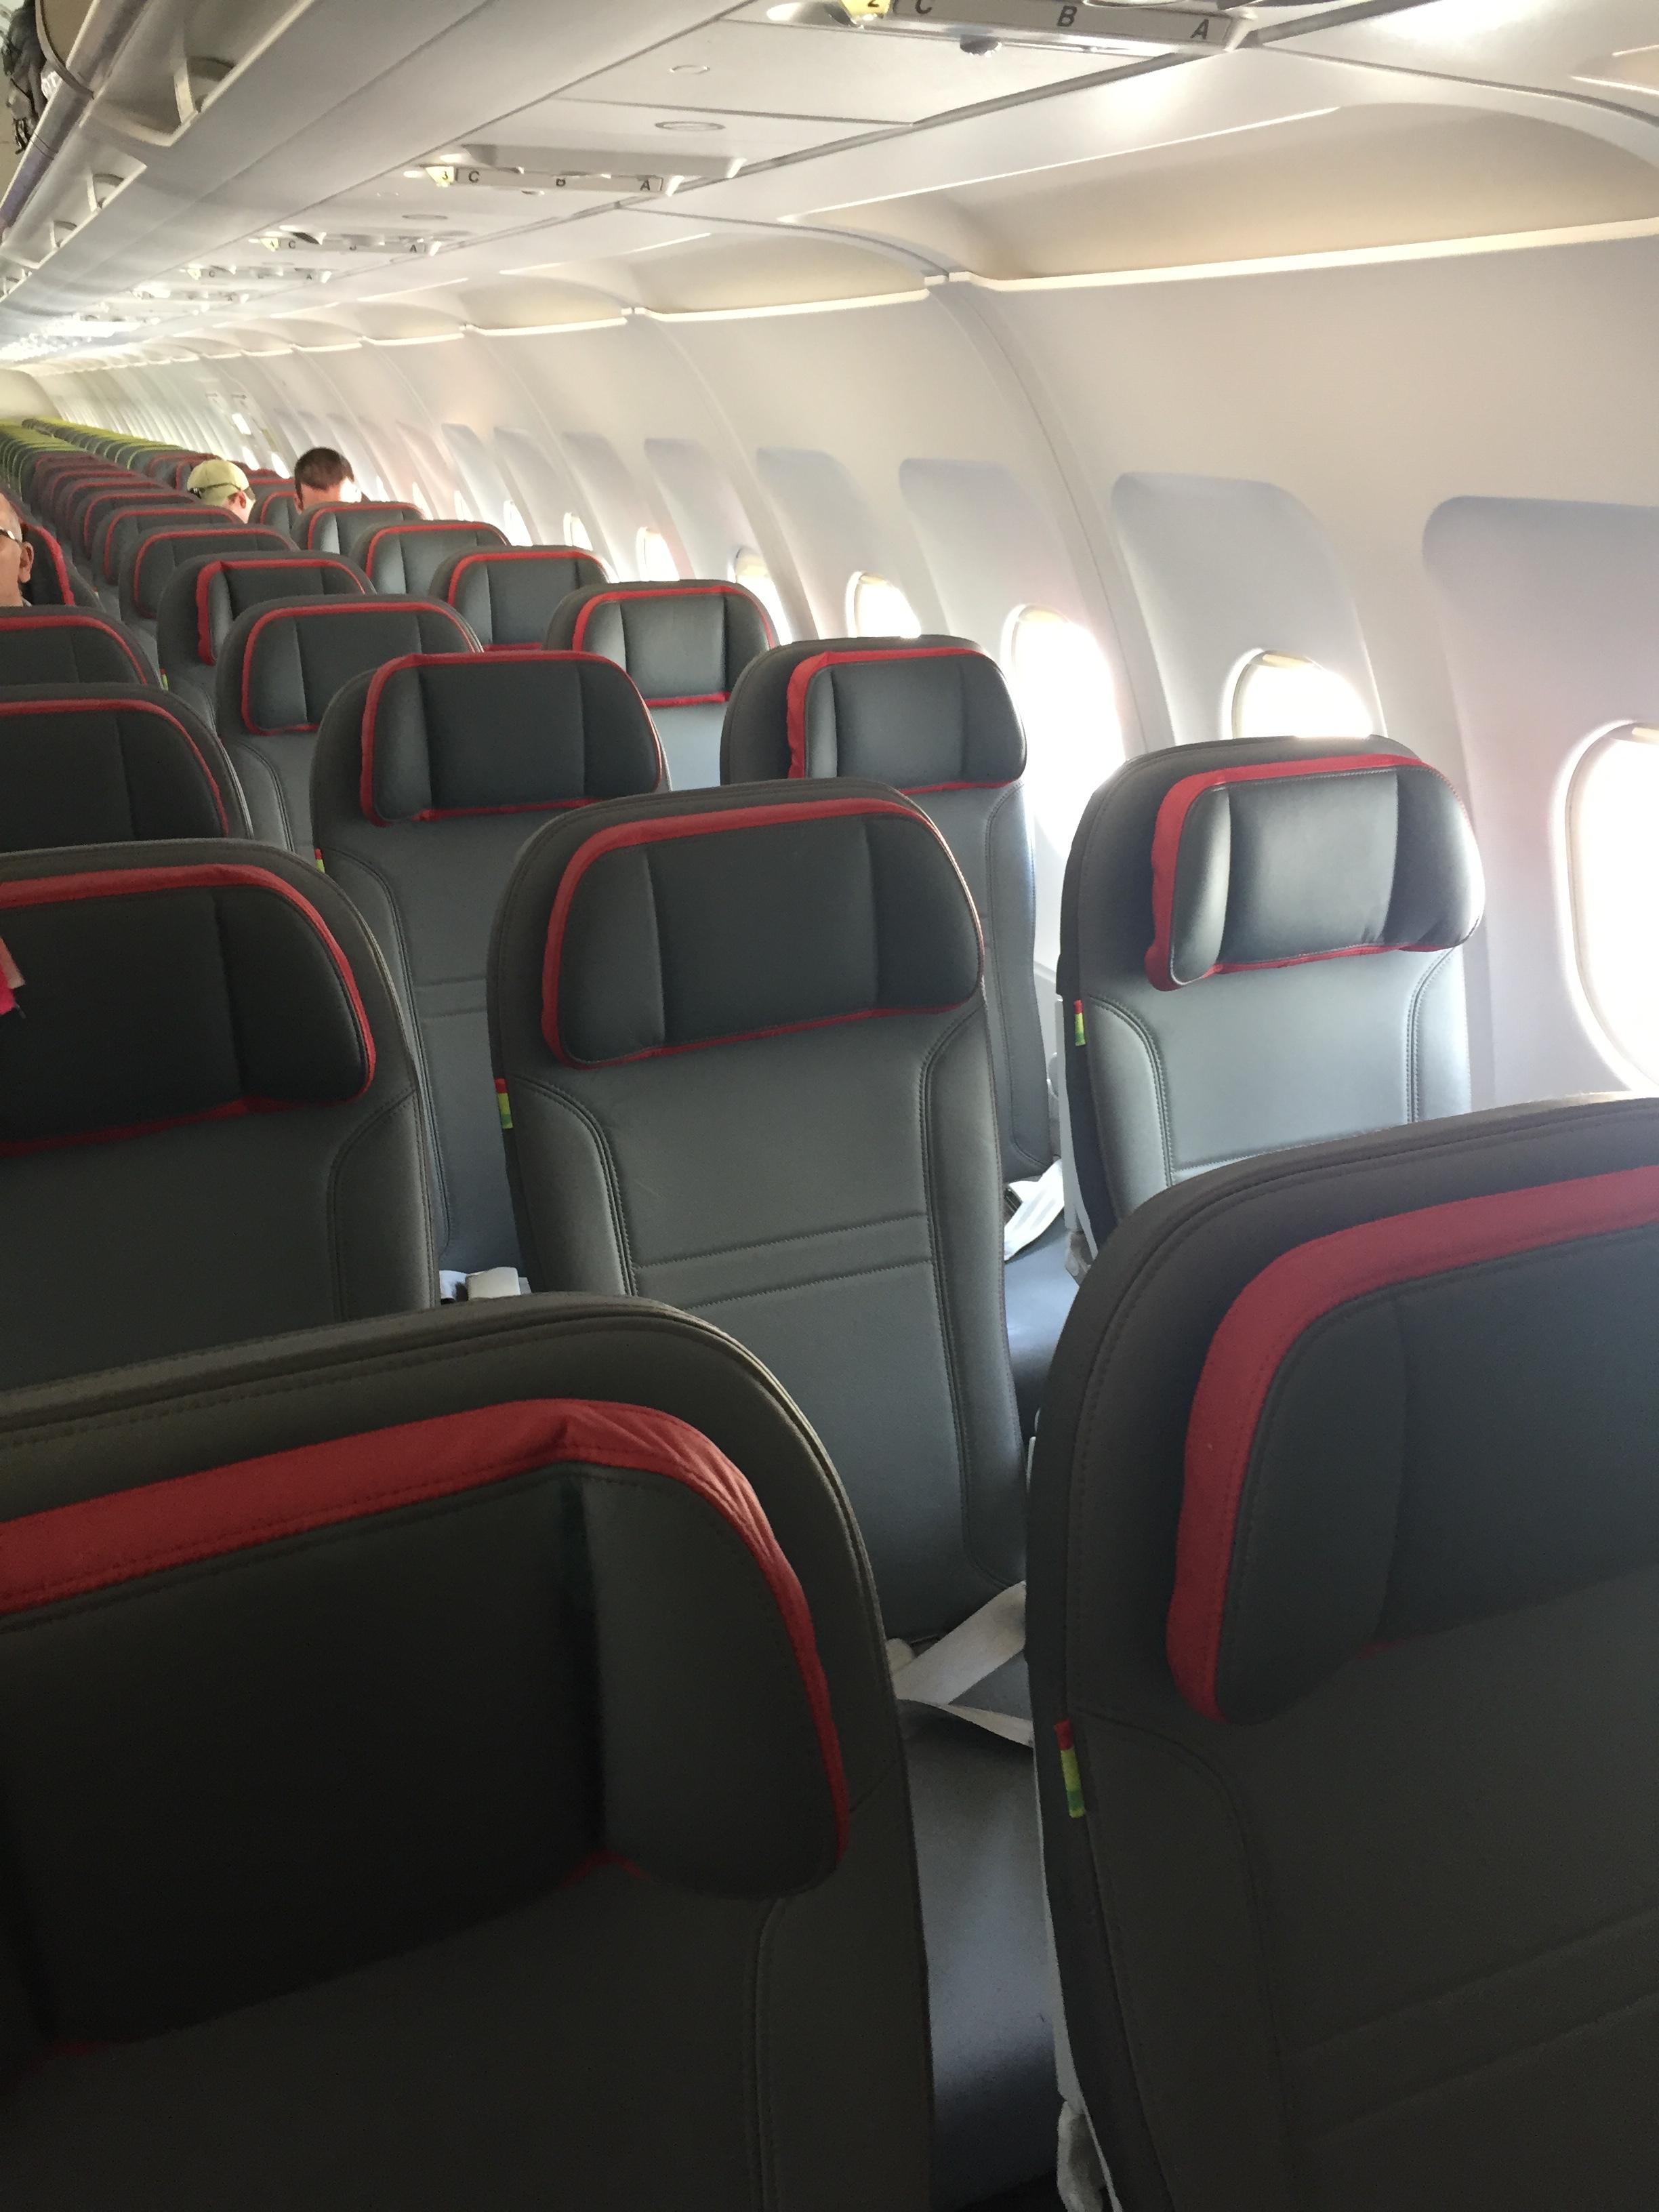 TAP A319 A320 cabin.JPG